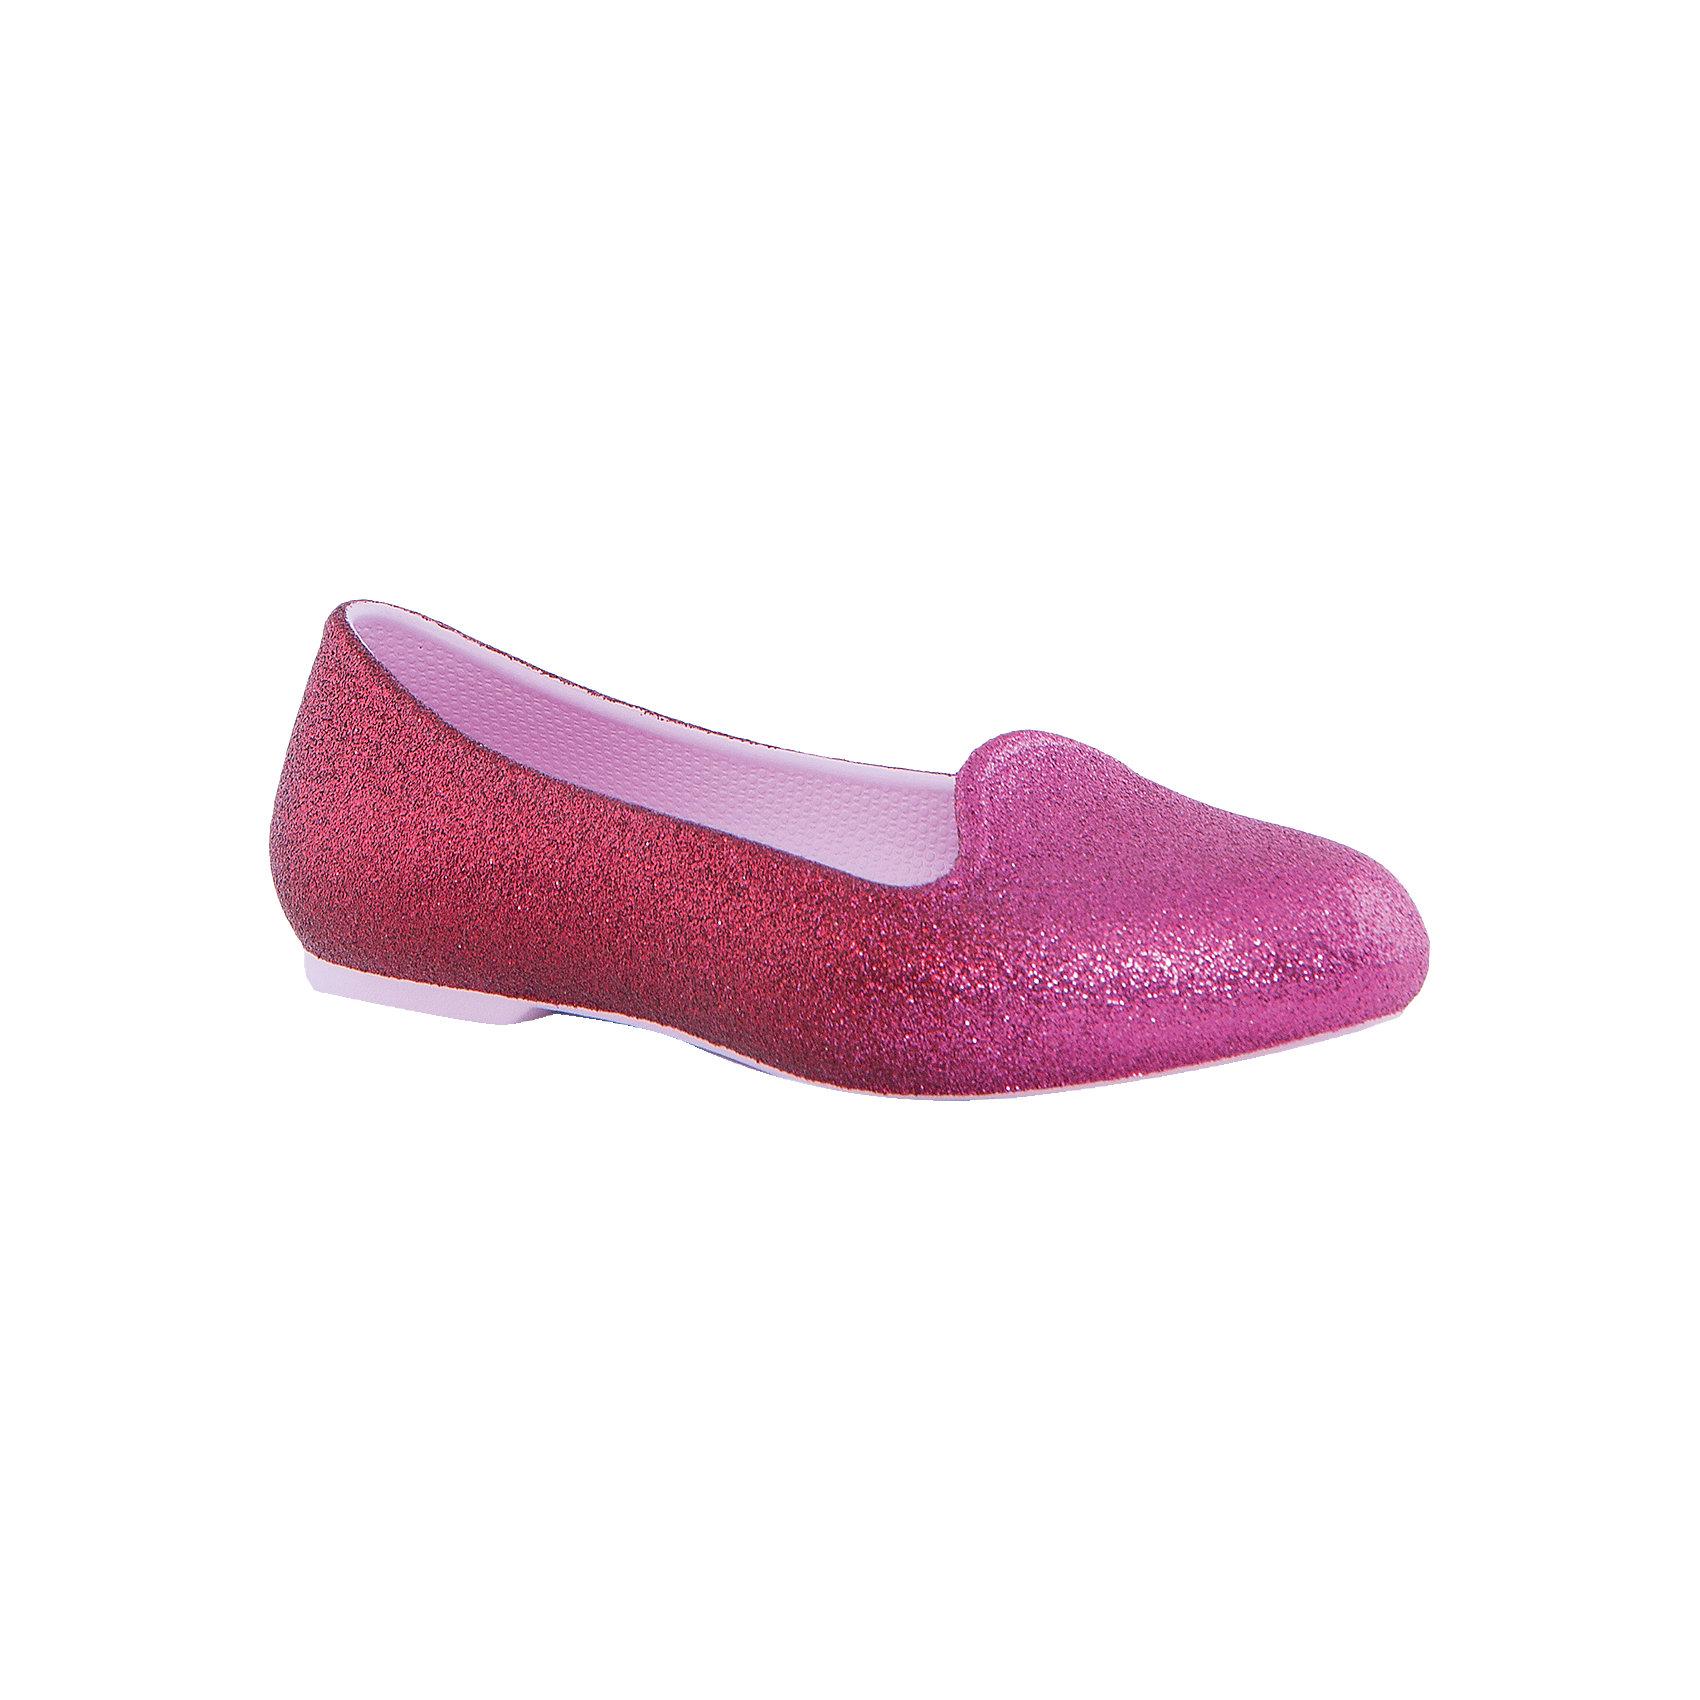 Сабо Eve Sparkle Flat K для девочки CrocsХарактеристики товара:<br><br>• цвет: розовый<br>• материал: верх - текстиль, низ - 100% полимер Croslite™<br>• блестки<br>• антискользящая подошва<br>• бактериостатичный материал<br>• стильный дизайн<br>• устойчивая подошва<br>• страна бренда: США<br>• страна изготовитель: Китай<br><br>Для правильного развития ребенка крайне важно, чтобы обувь была удобной. Такие туфли обеспечивают детям необходимый комфорт, а удобная стелька позволяет ножкам дольше не уставать. Туфли легко надеваются и снимаются, отлично сидят на ноге. Материал, из которого они сделаны, не дает размножаться бактериям, поэтому такая обувь препятствует образованию неприятного запаха и появлению болезней стоп. <br>Обувь от американского бренда Crocs в данный момент завоевала широкую популярность во всем мире, и это не удивительно - ведь она невероятно удобна. Её носят врачи, спортсмены, звёзды шоу-бизнеса, люди, которым много времени приходится бывать на ногах - они понимают, как важна комфортная обувь. Продукция Crocs - это качественные товары, созданные с применением новейших технологий. Обувь отличается стильным дизайном и продуманной конструкцией. Изделие производится из качественных и проверенных материалов, которые безопасны для детей.<br><br>Туфли для девочки от торговой марки Crocs можно купить в нашем интернет-магазине.<br><br>Ширина мм: 225<br>Глубина мм: 139<br>Высота мм: 112<br>Вес г: 290<br>Цвет: розовый<br>Возраст от месяцев: 36<br>Возраст до месяцев: 48<br>Пол: Женский<br>Возраст: Детский<br>Размер: 27,28,29,30,25,26,31,33,34<br>SKU: 4940827